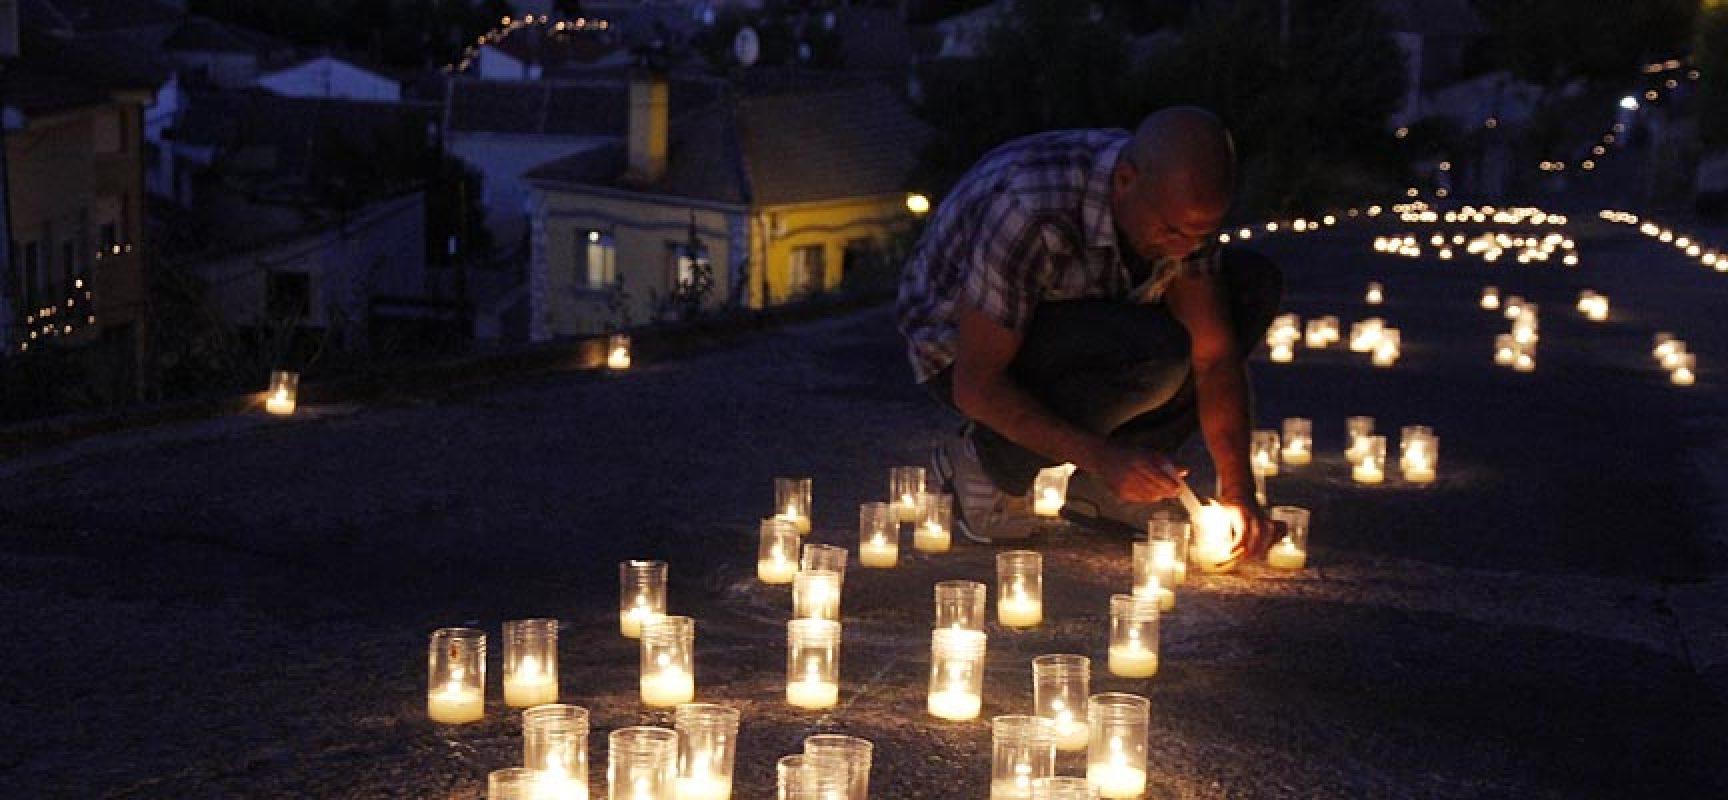 Miles de velas iluminaron fuentidue a en la i noche de agua y fuego escuellar - Velas de agua ...